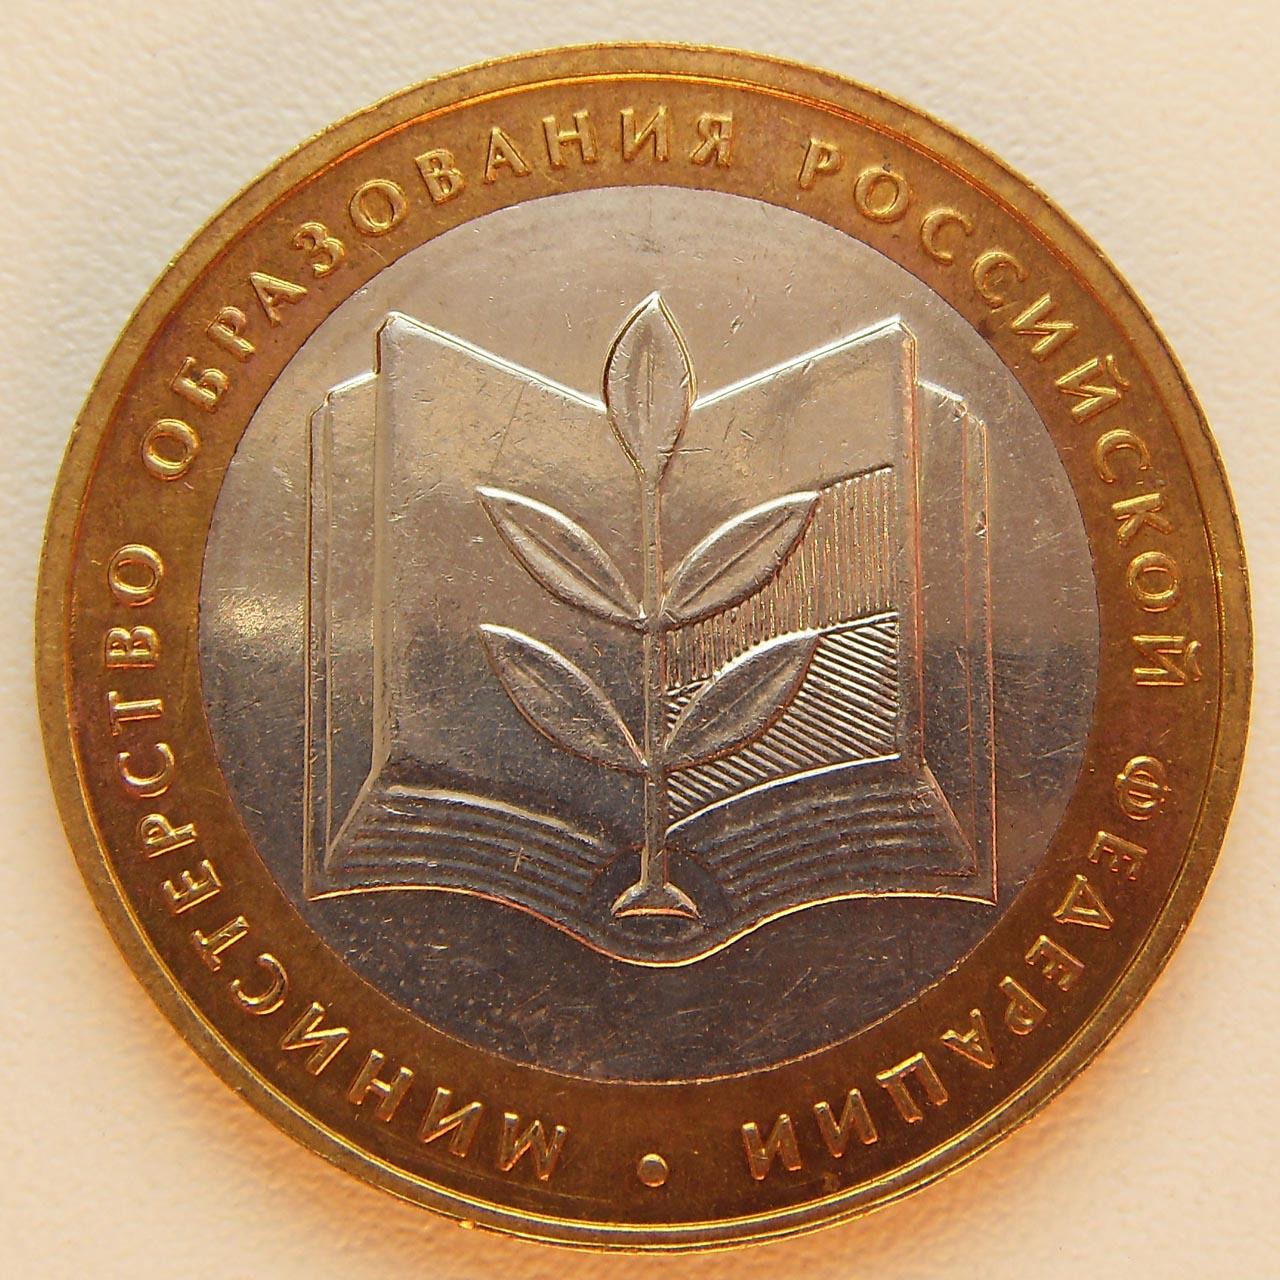 Монета 10 рублей министерство образования цена банкноты купить наложенным платежом